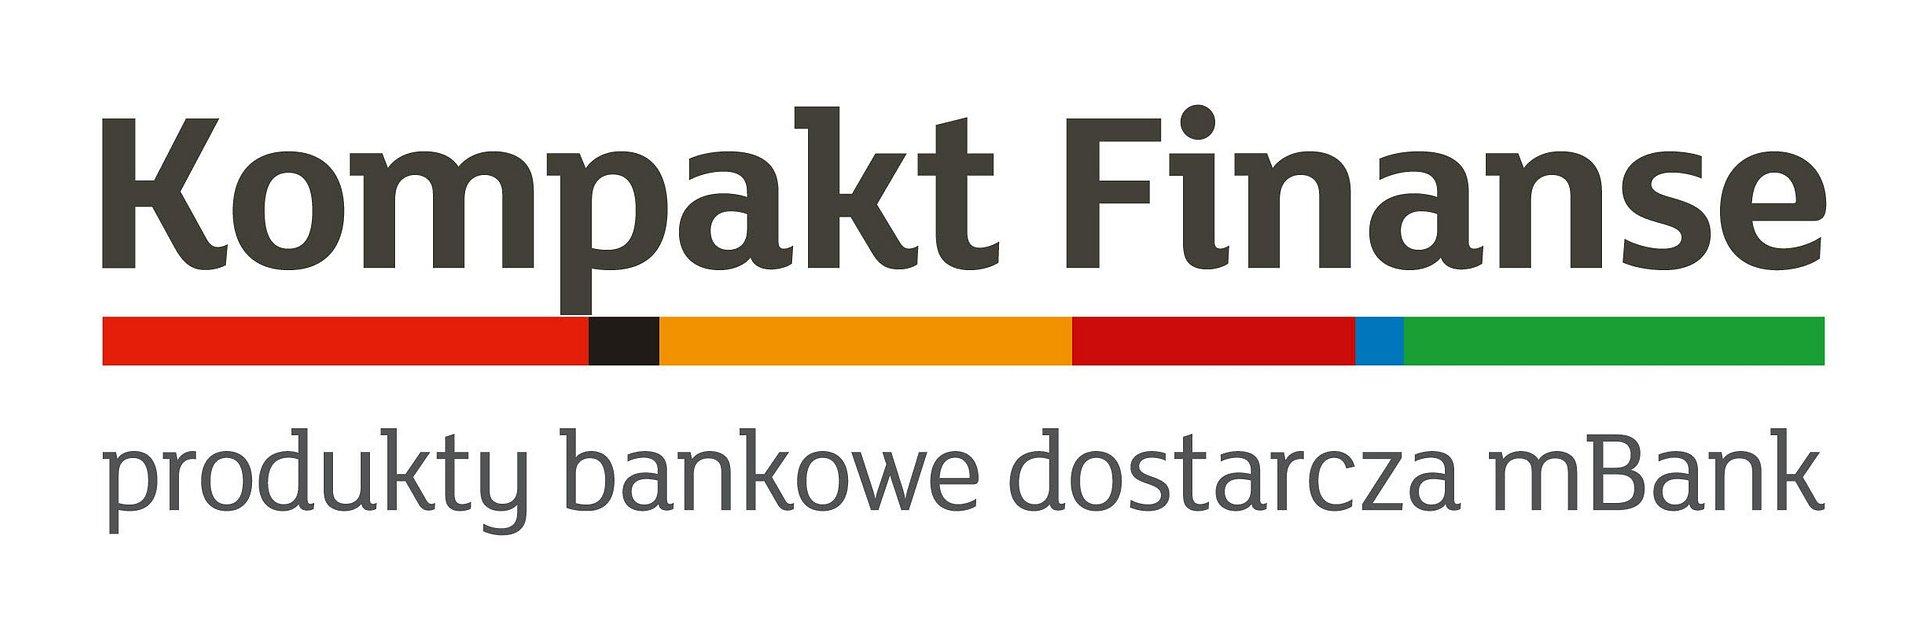 42bef81f4dec9 Każdy obecny klient Orange Finanse za przejście do mBanku dostanie bonus.  Za przeniesienie karty kredytowej bank zapłaci 50 PLN